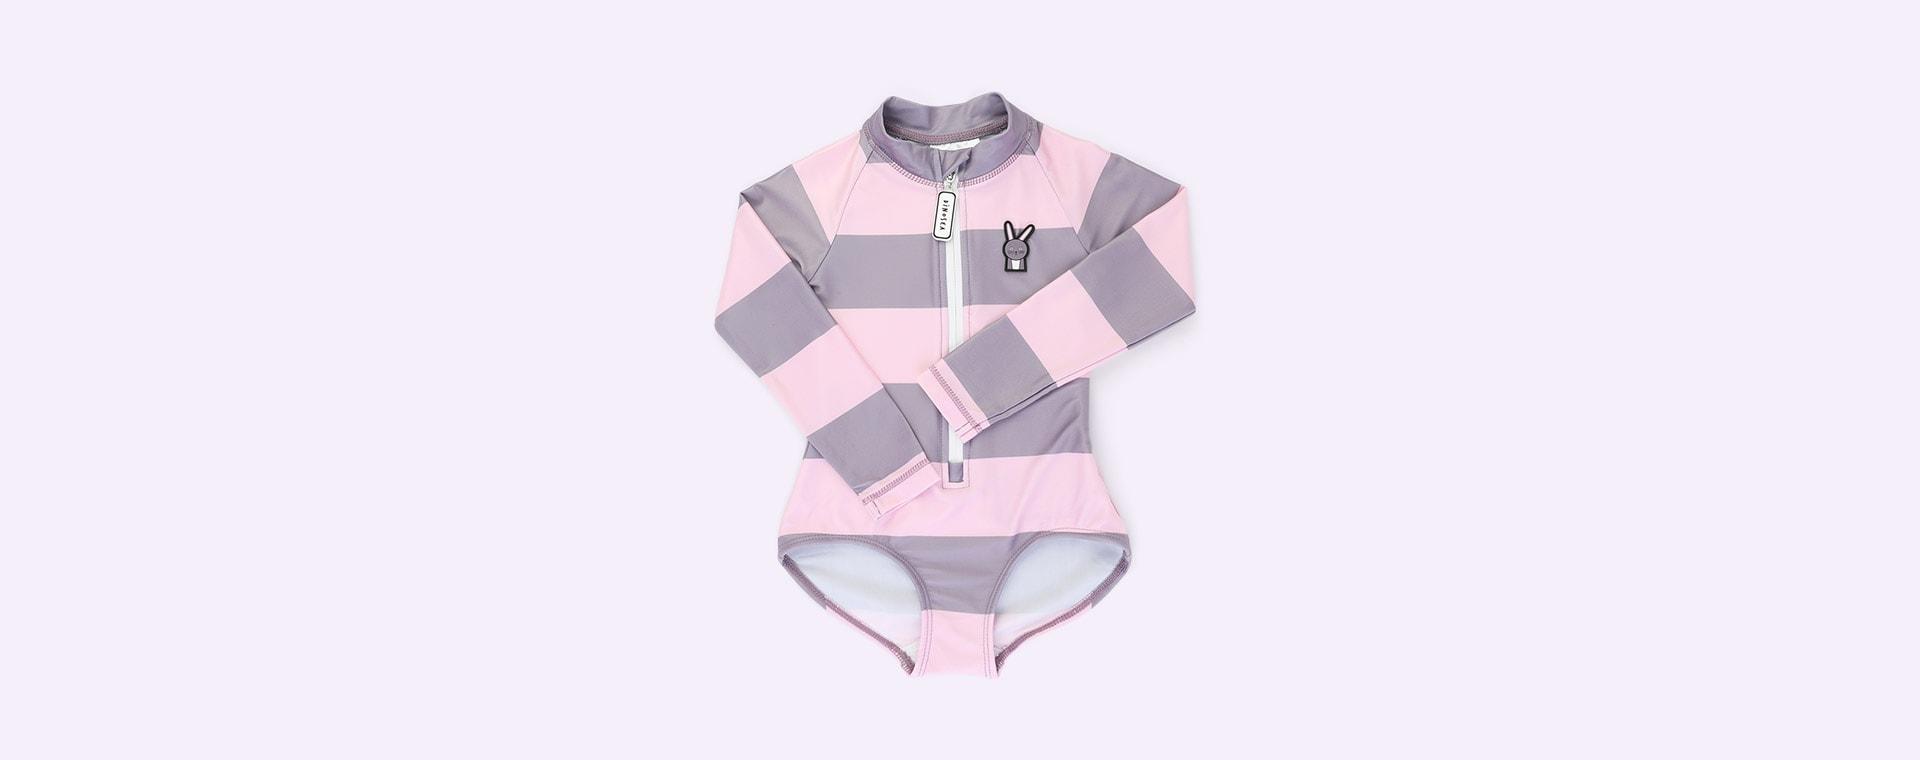 Hop dinoSea Swim Suit